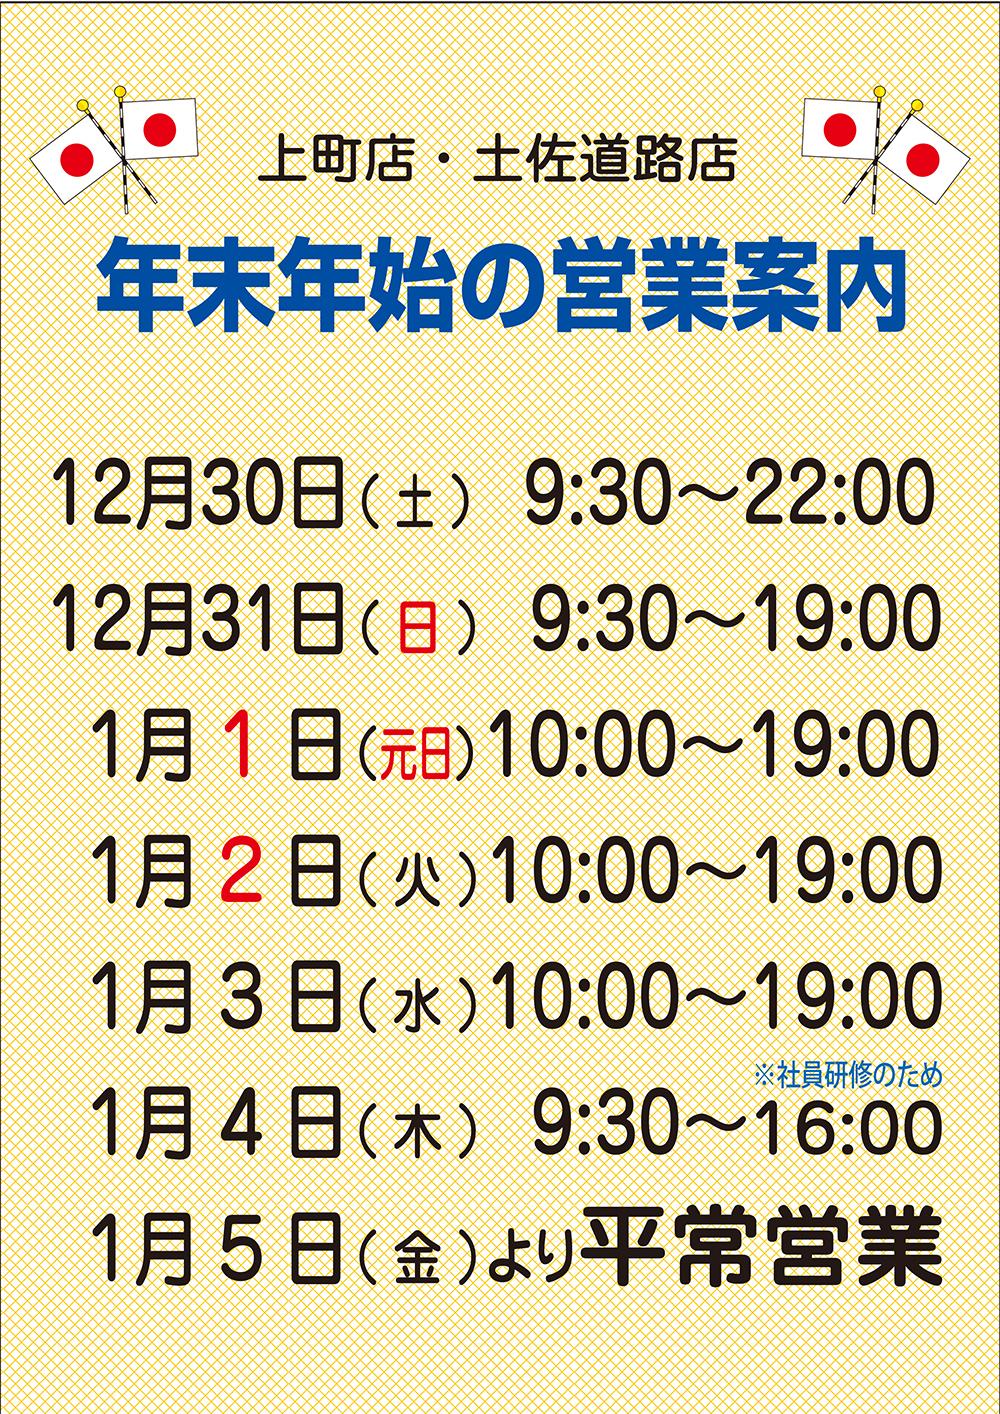 【店舗お知らせ】年末年始の営業時間